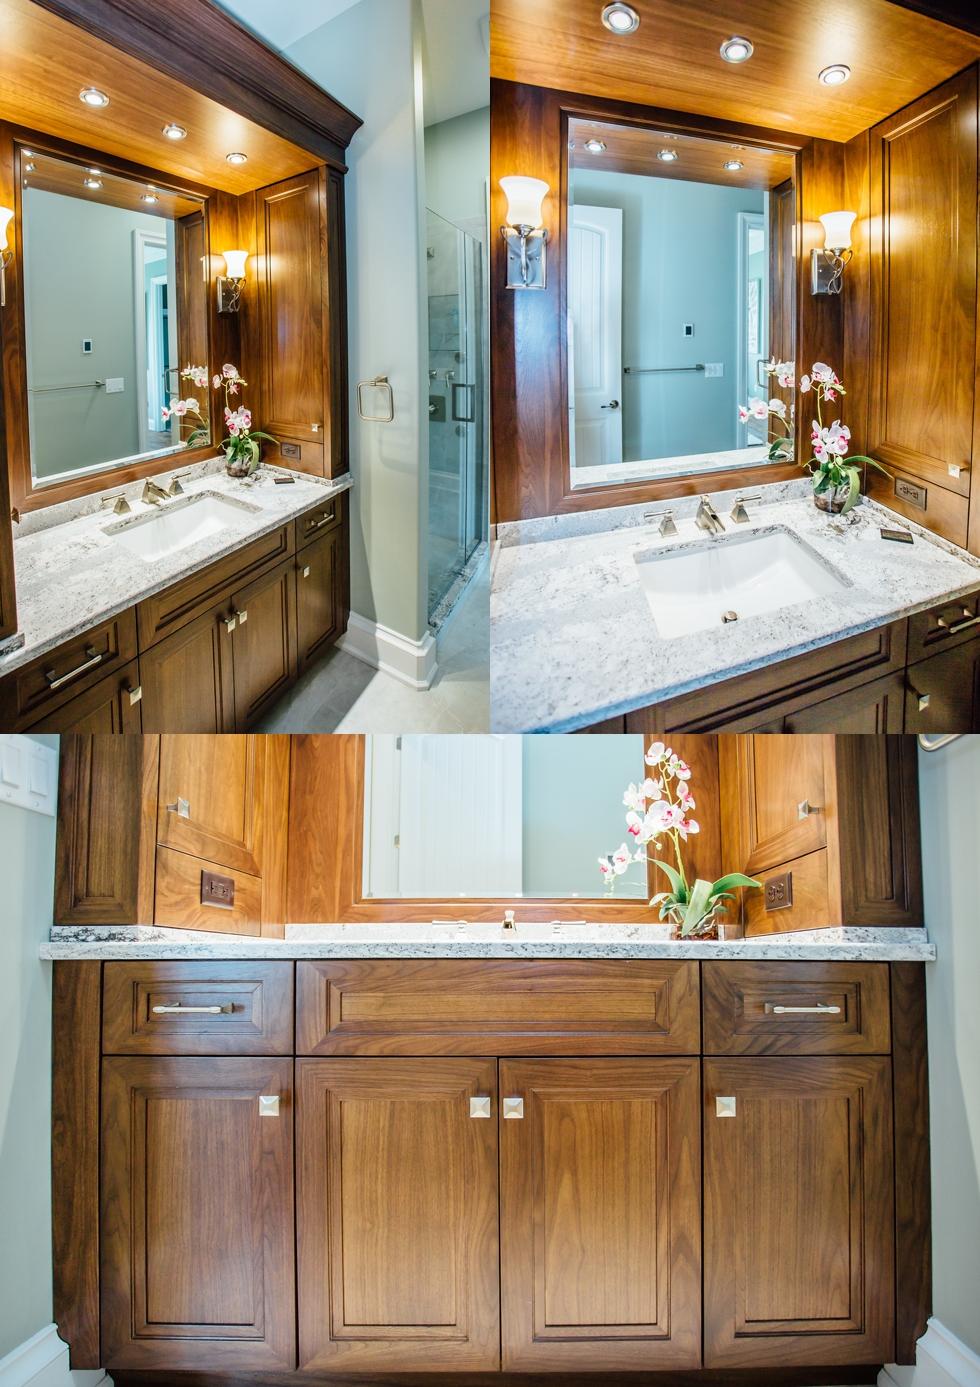 Niagara Kitchen And Bath